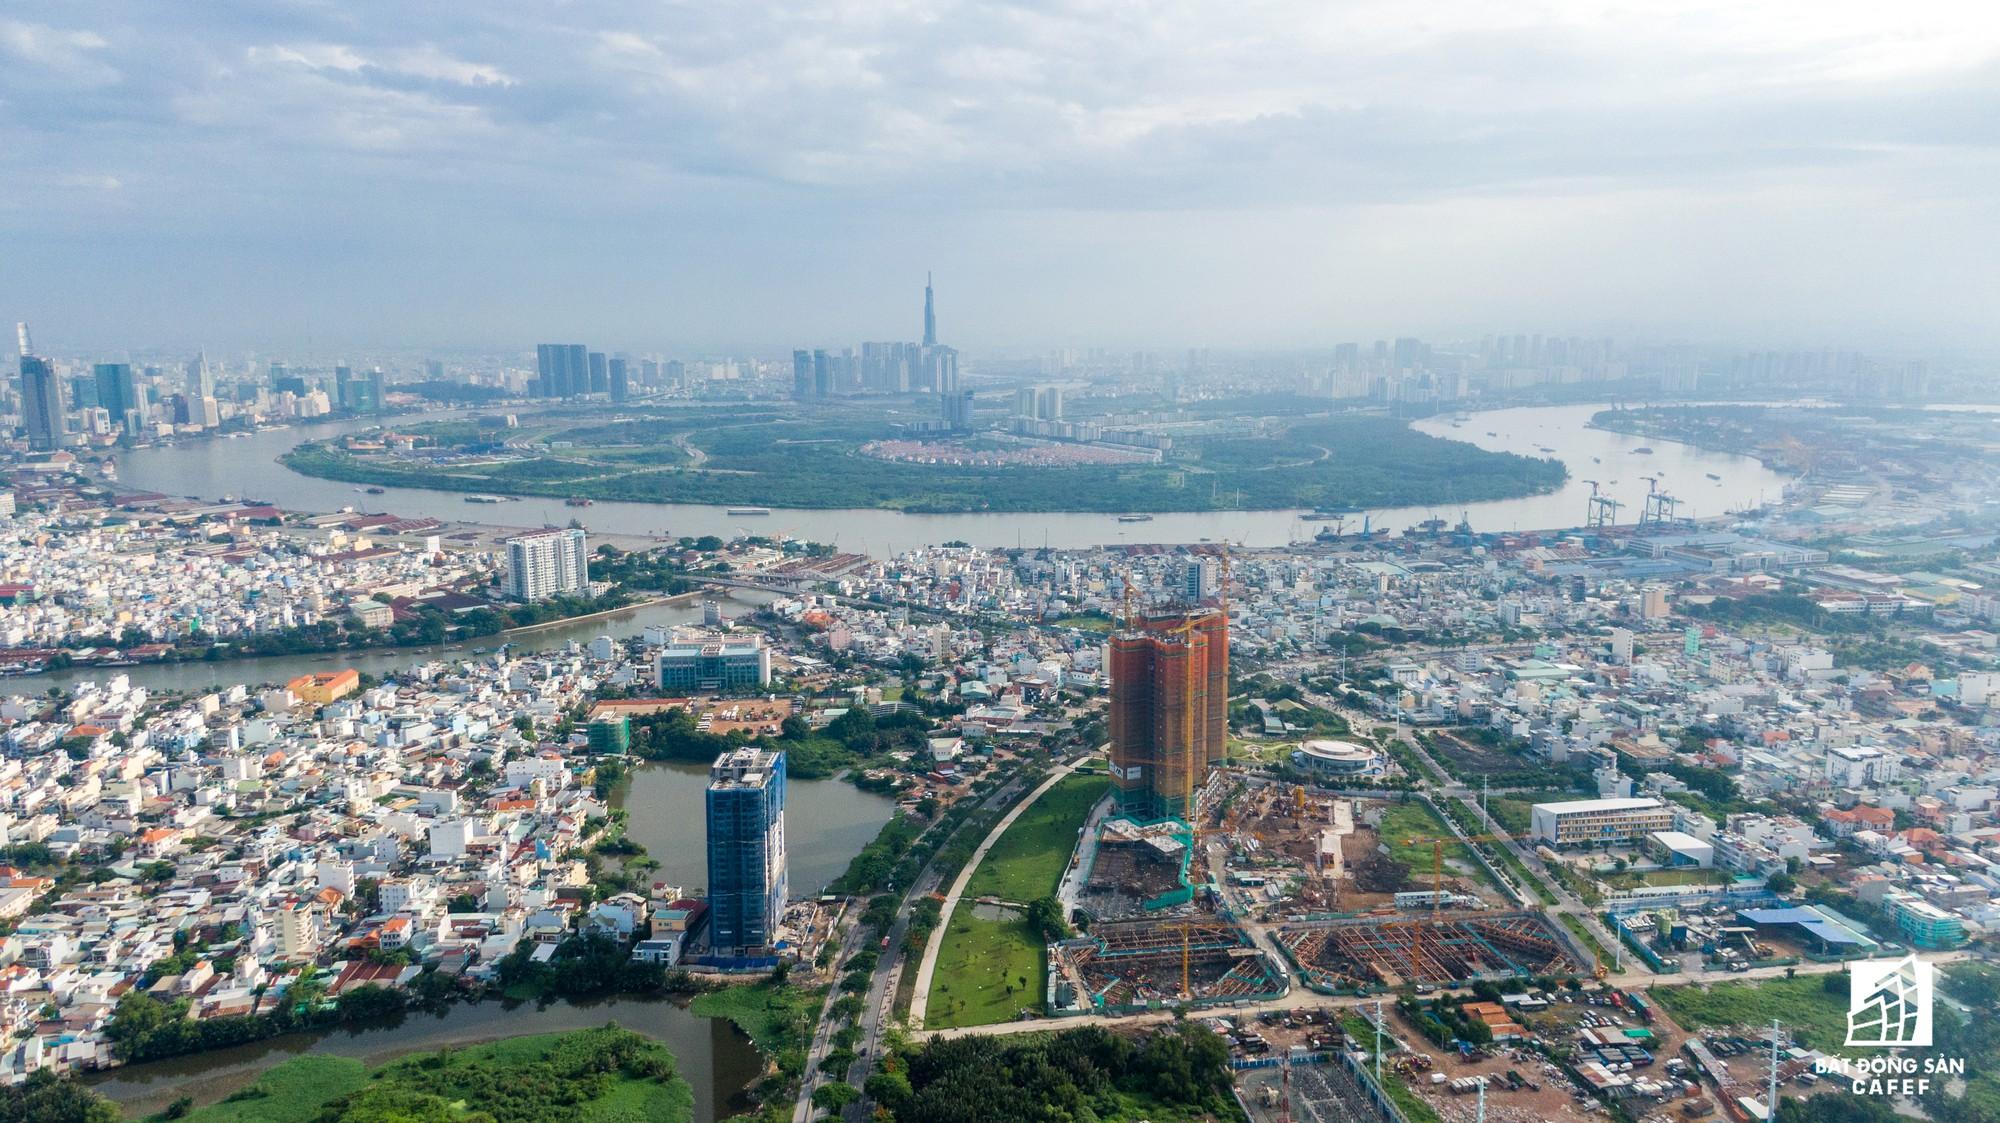 Toàn cảnh đại lộ tỷ đô đã tạo nên một thị trường bất động sản rất riêng cho khu Nam Sài Gòn - Ảnh 4.